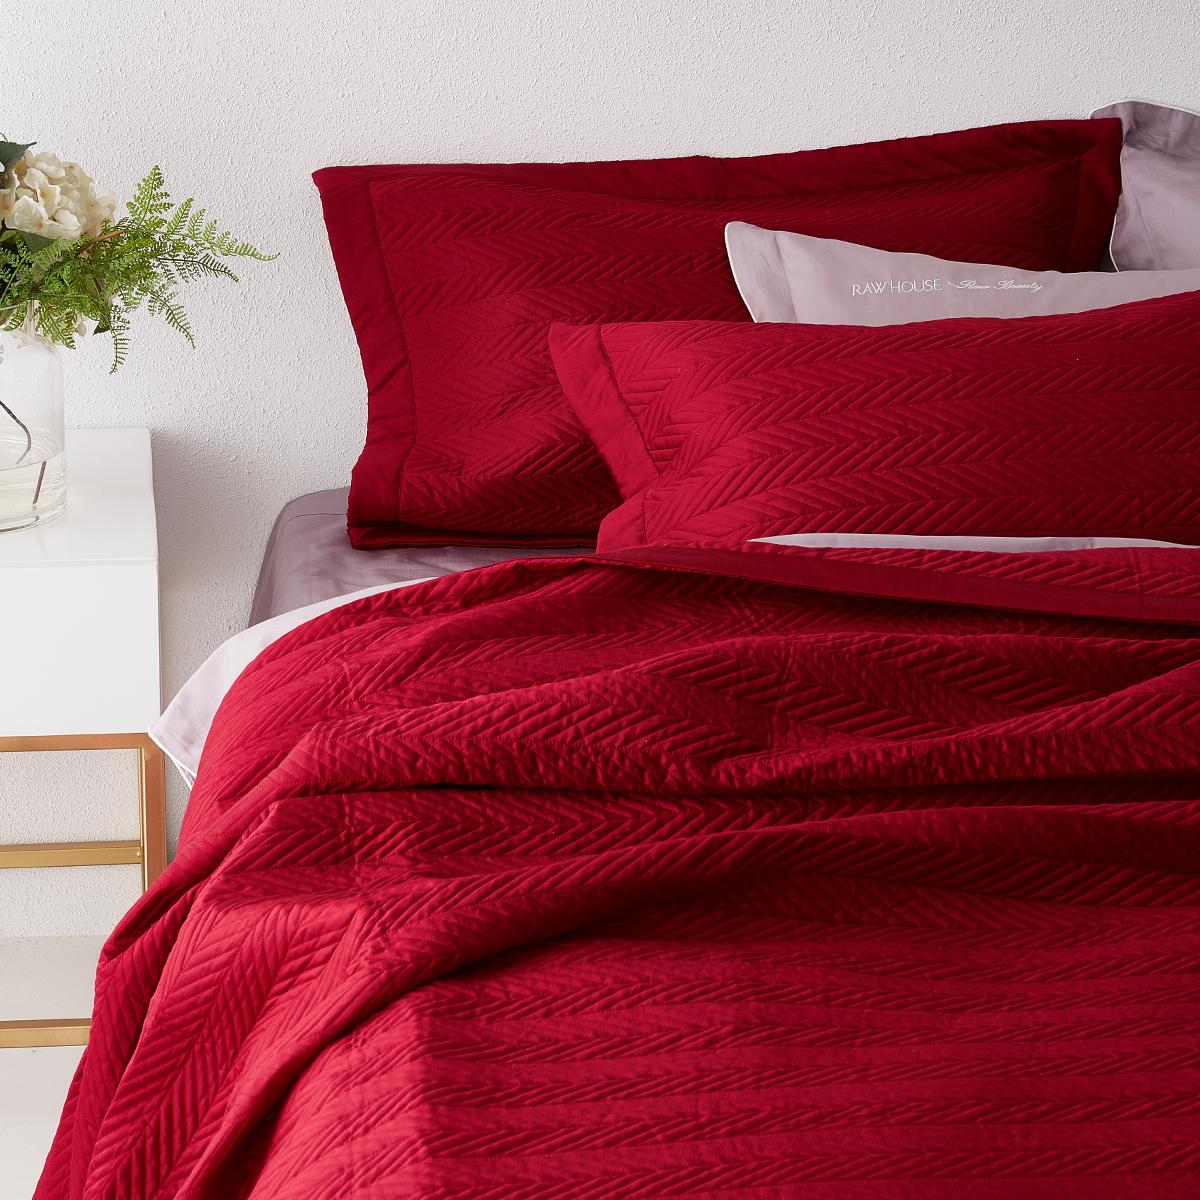 原素品制床上用品床单床盖三件套纯棉全棉结婚婚庆三件套简约北欧